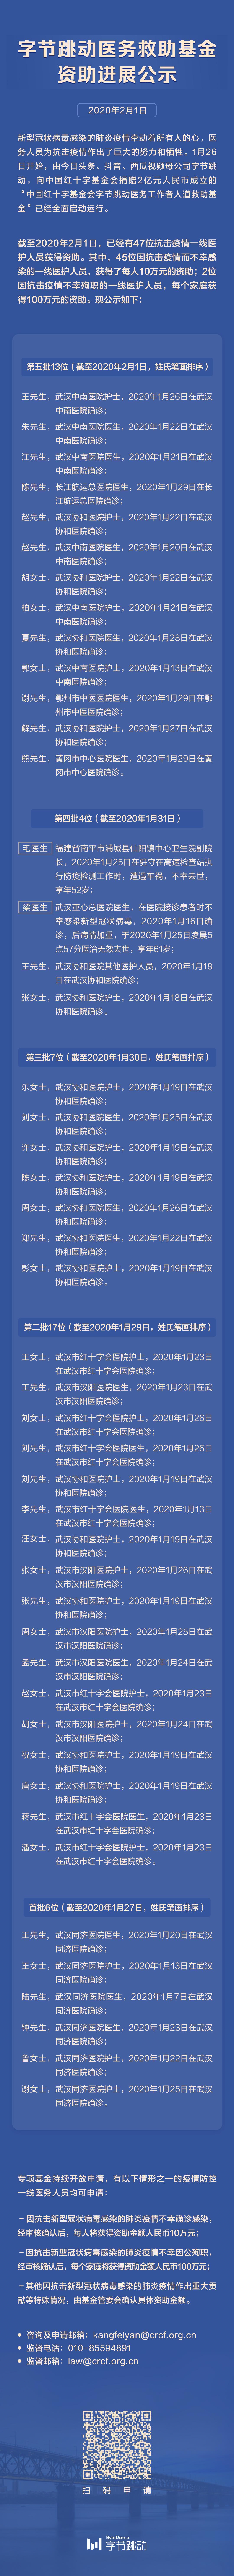 黄冈一被感染医生获捐10万元 字节跳动医务救助基金新增资助13人